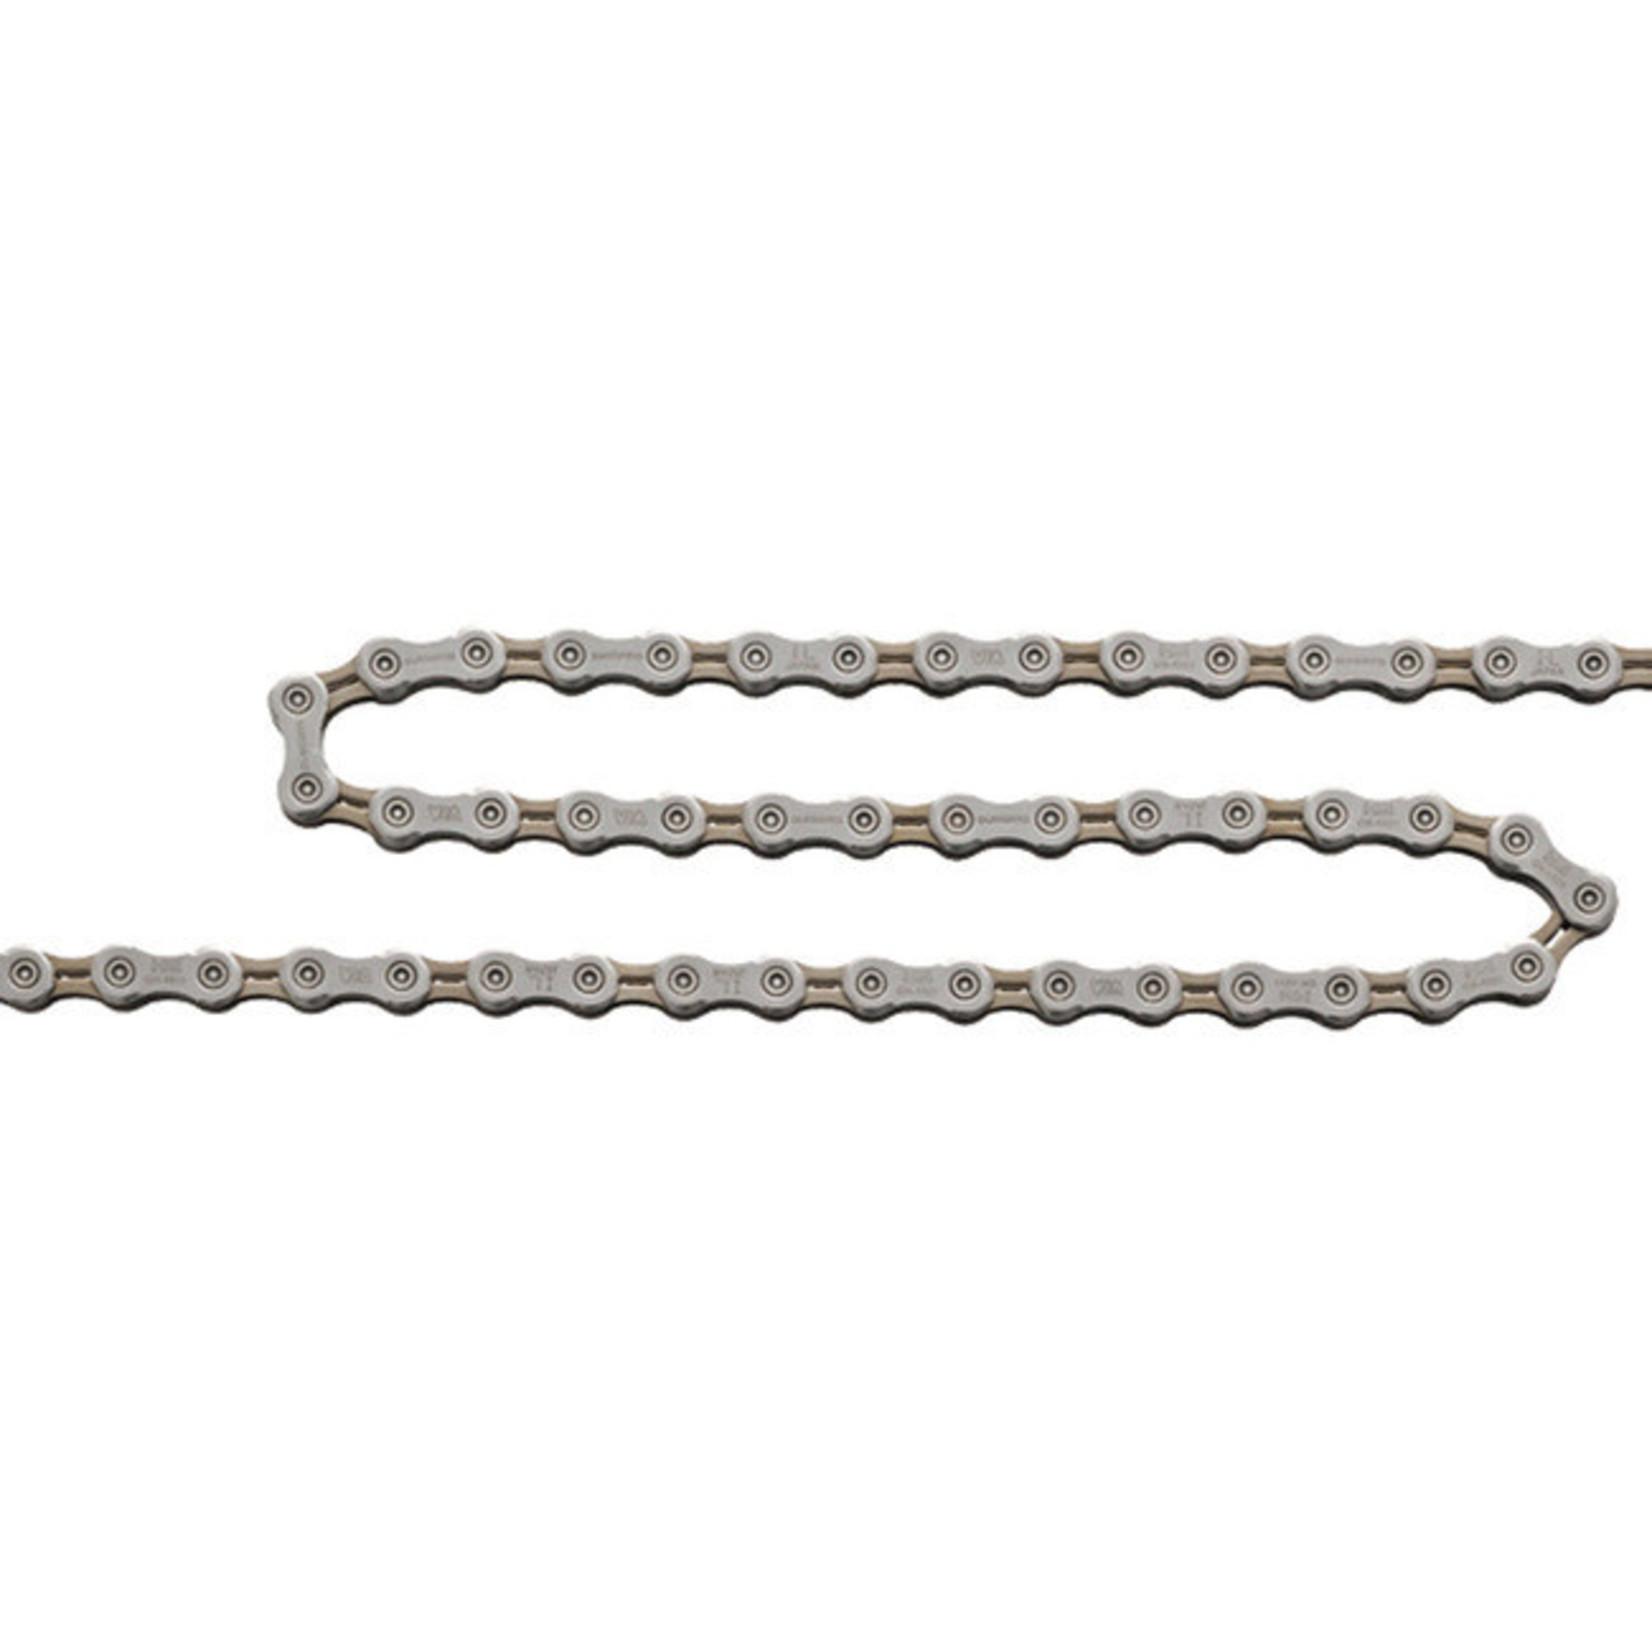 Shimano Shimano CN-4601 10 Speed Tiagra Chain